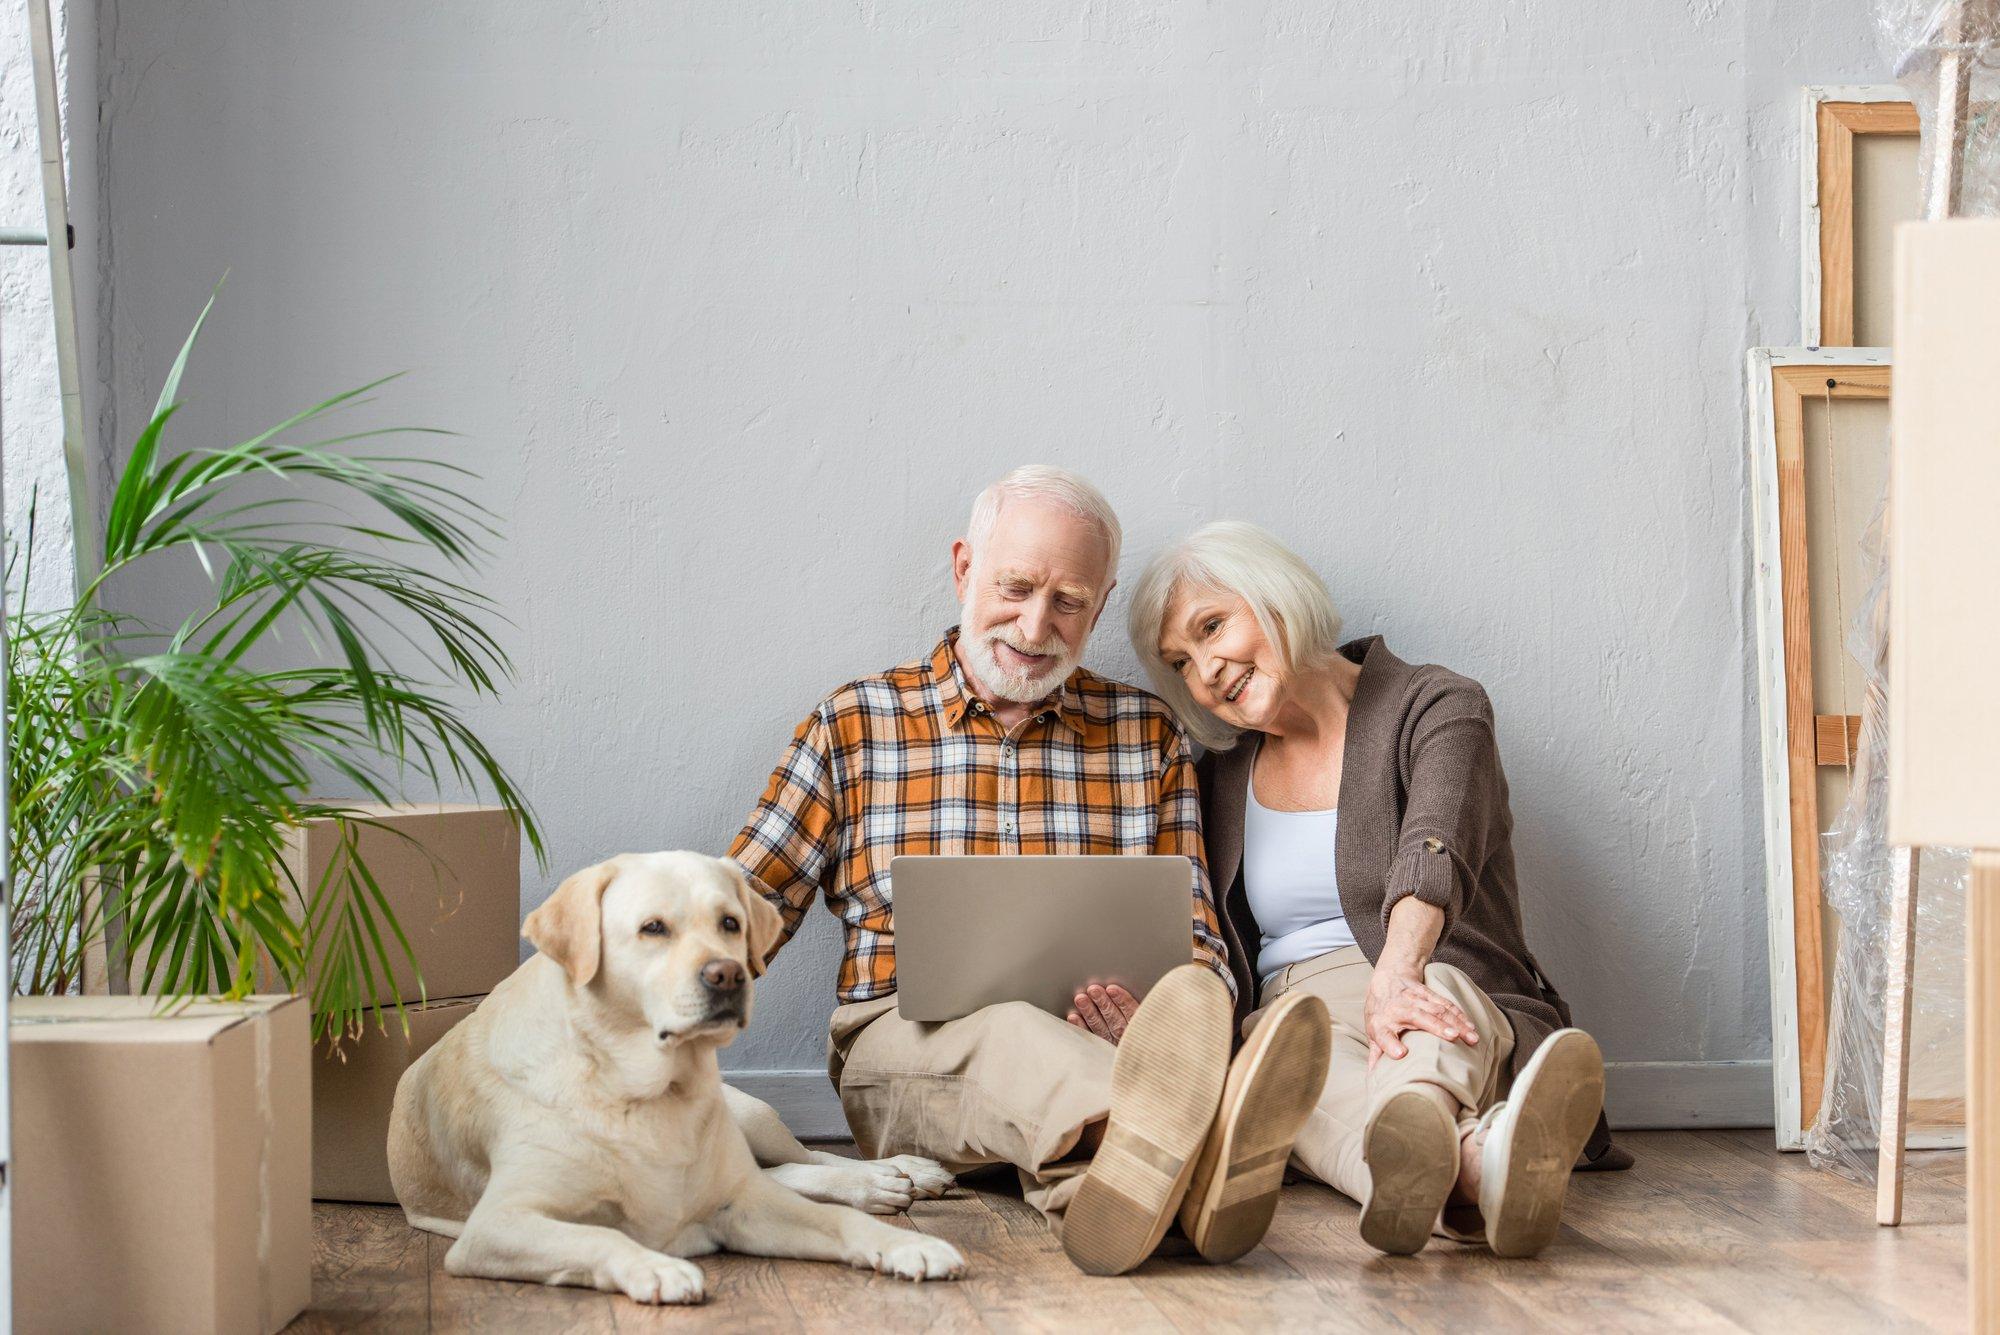 Happy senior couple using laptop sitting on floor and husband petting dog lying near